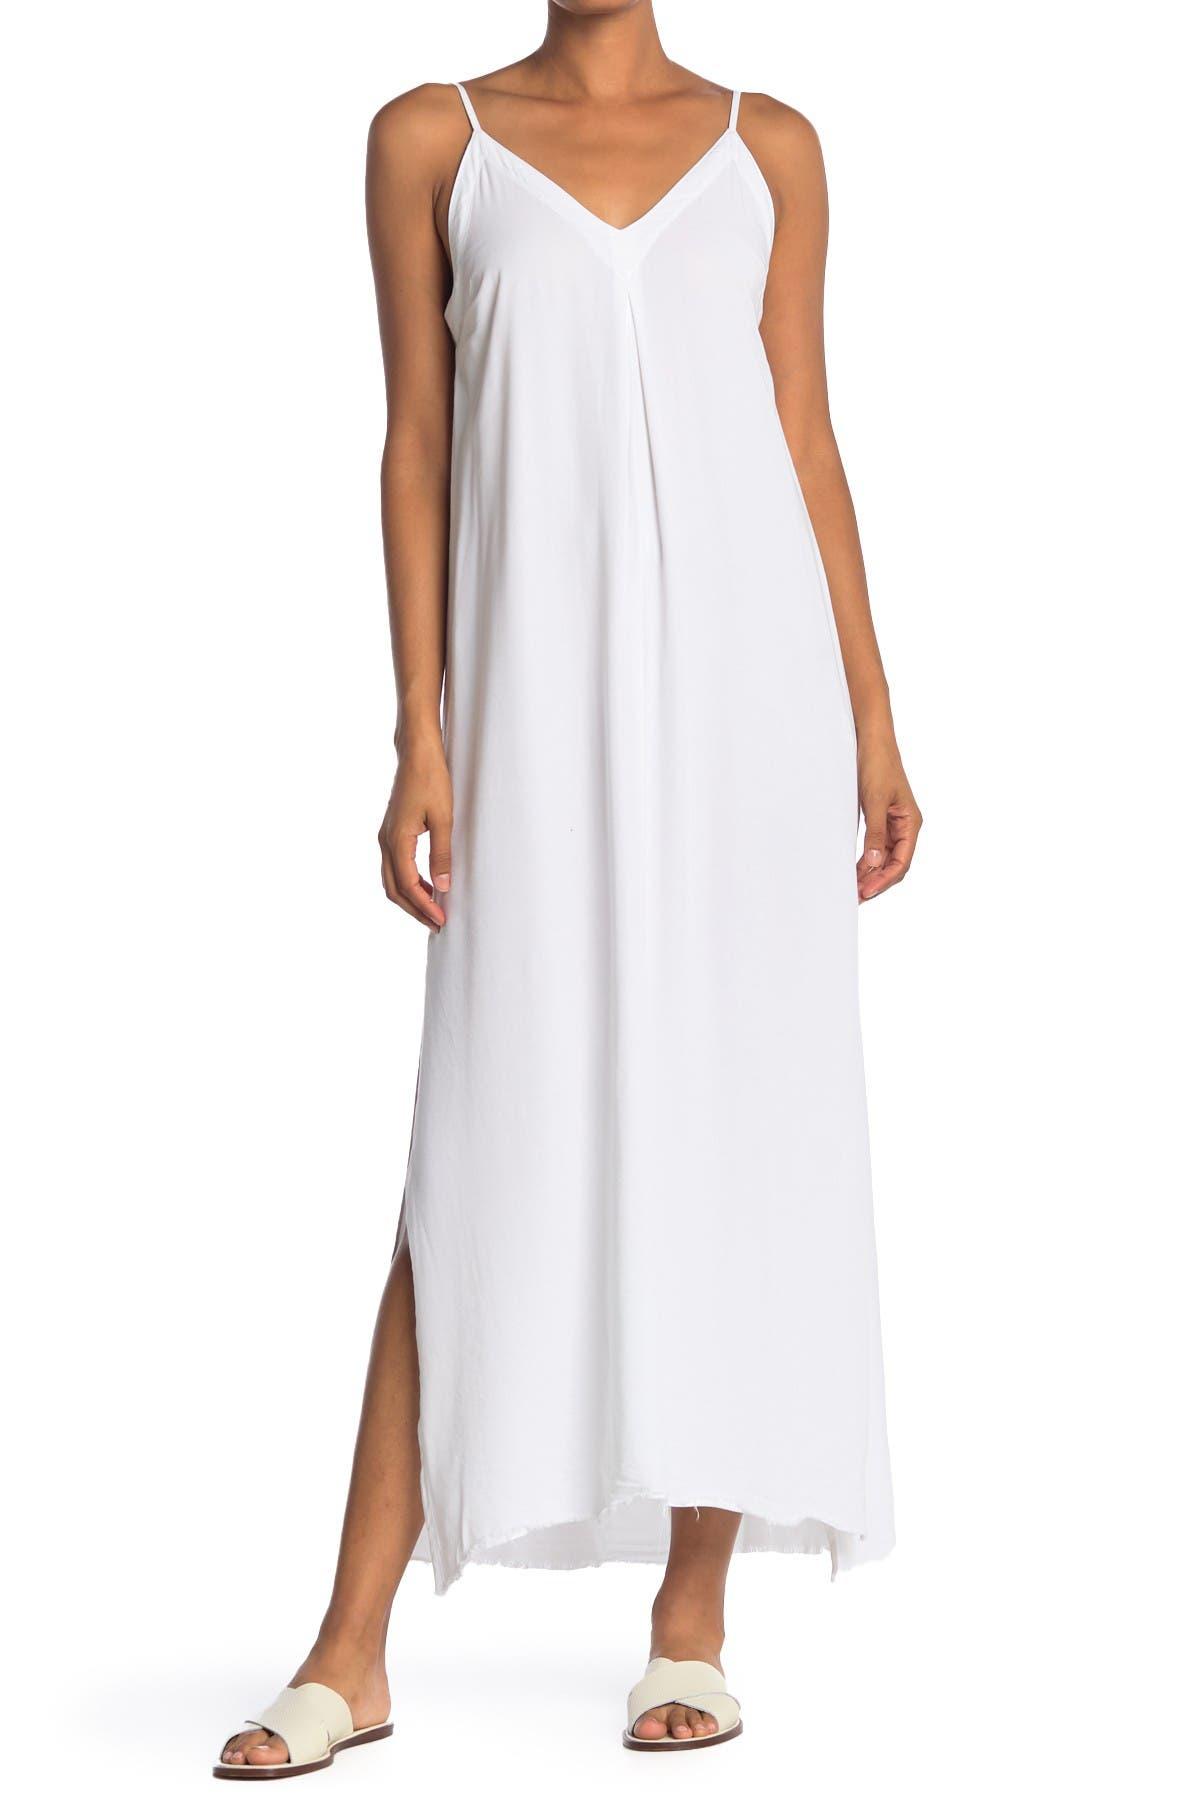 Image of NSF CLOTHING Antonia Side Slit Maxi Dress